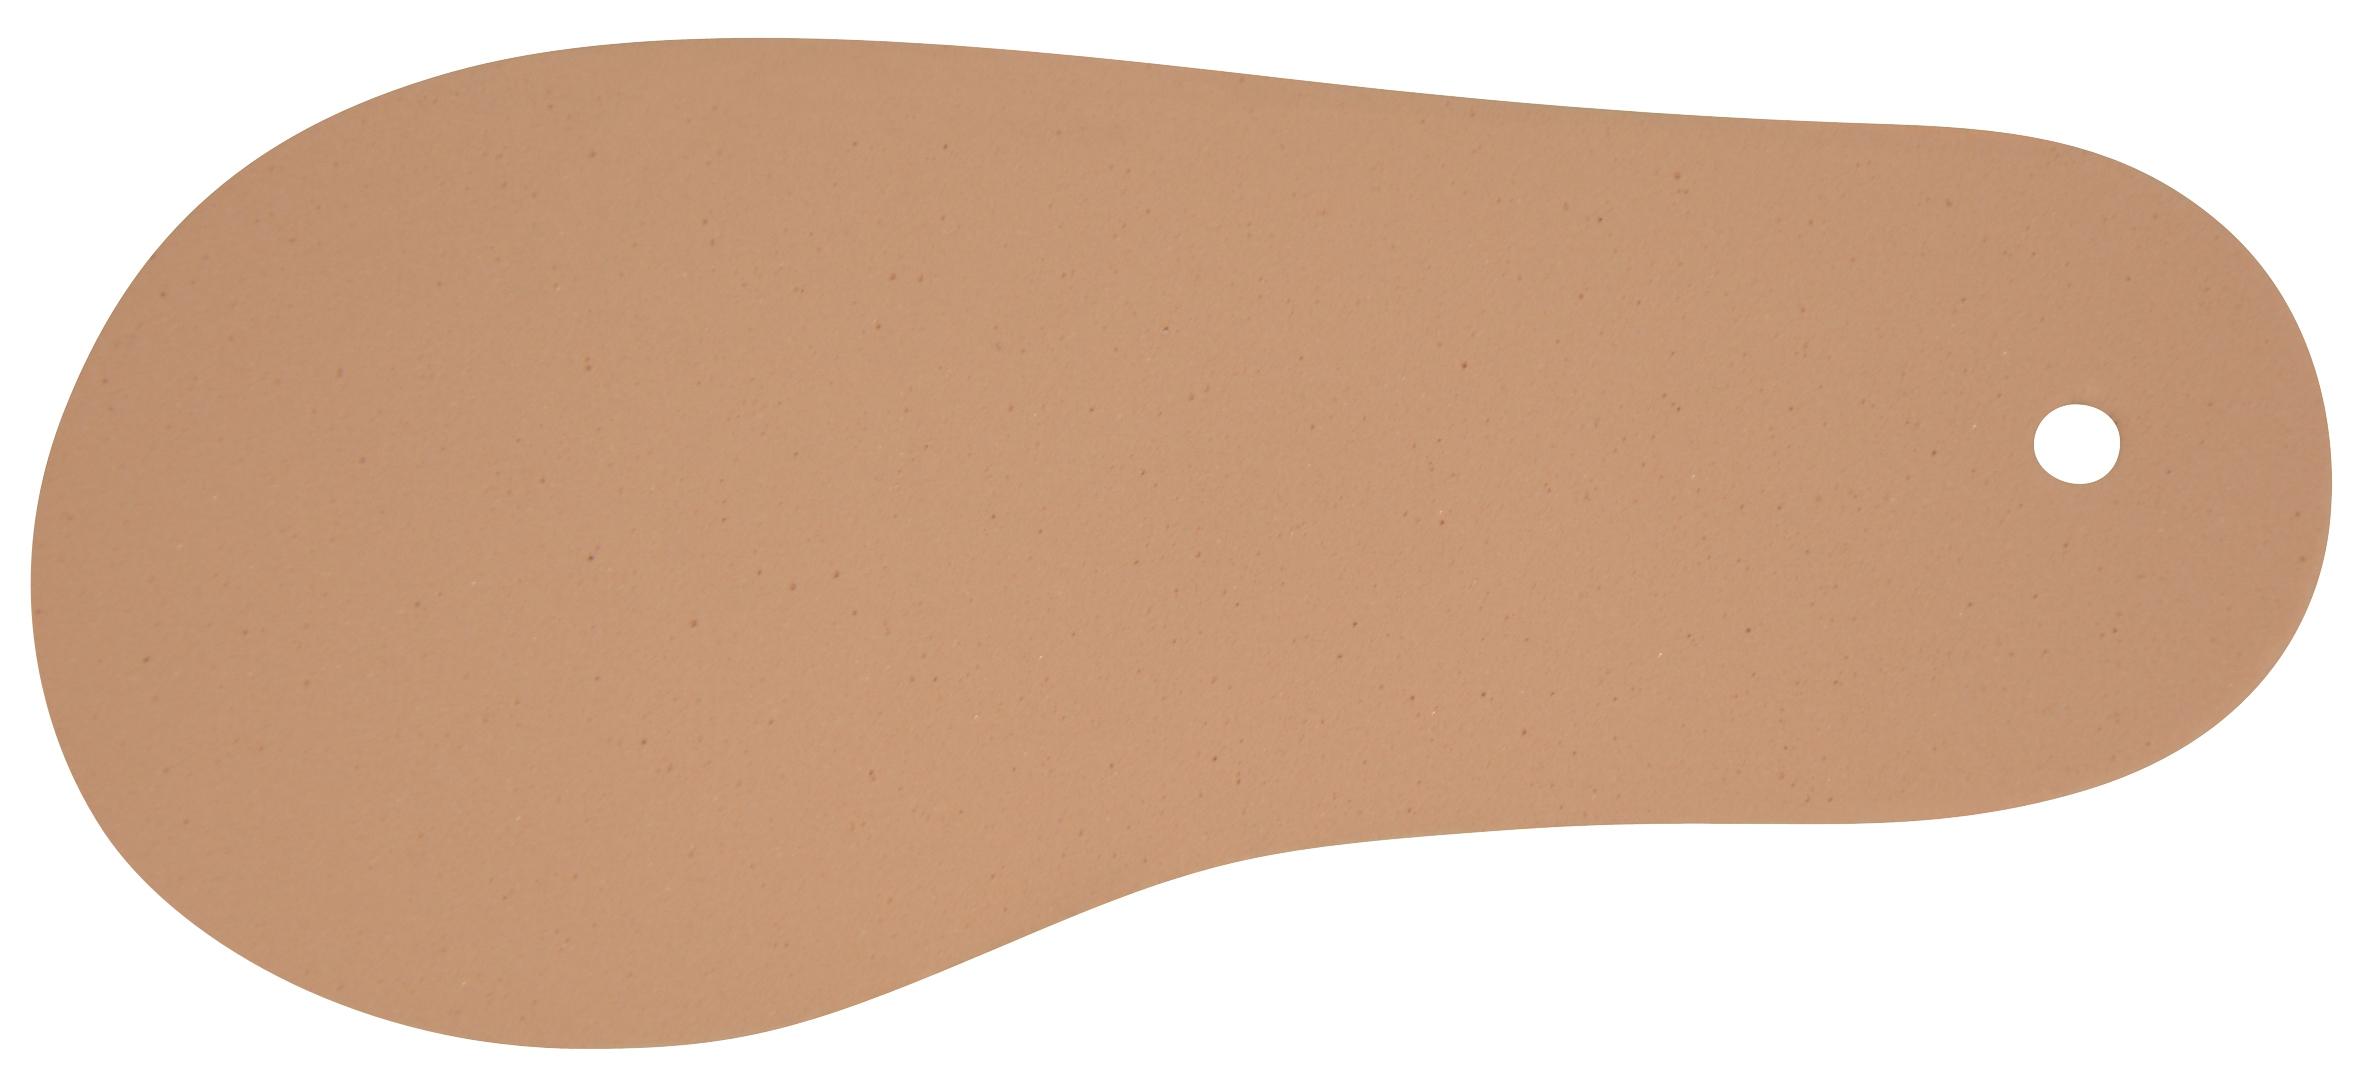 EVA en rouleau non perforée  59-186